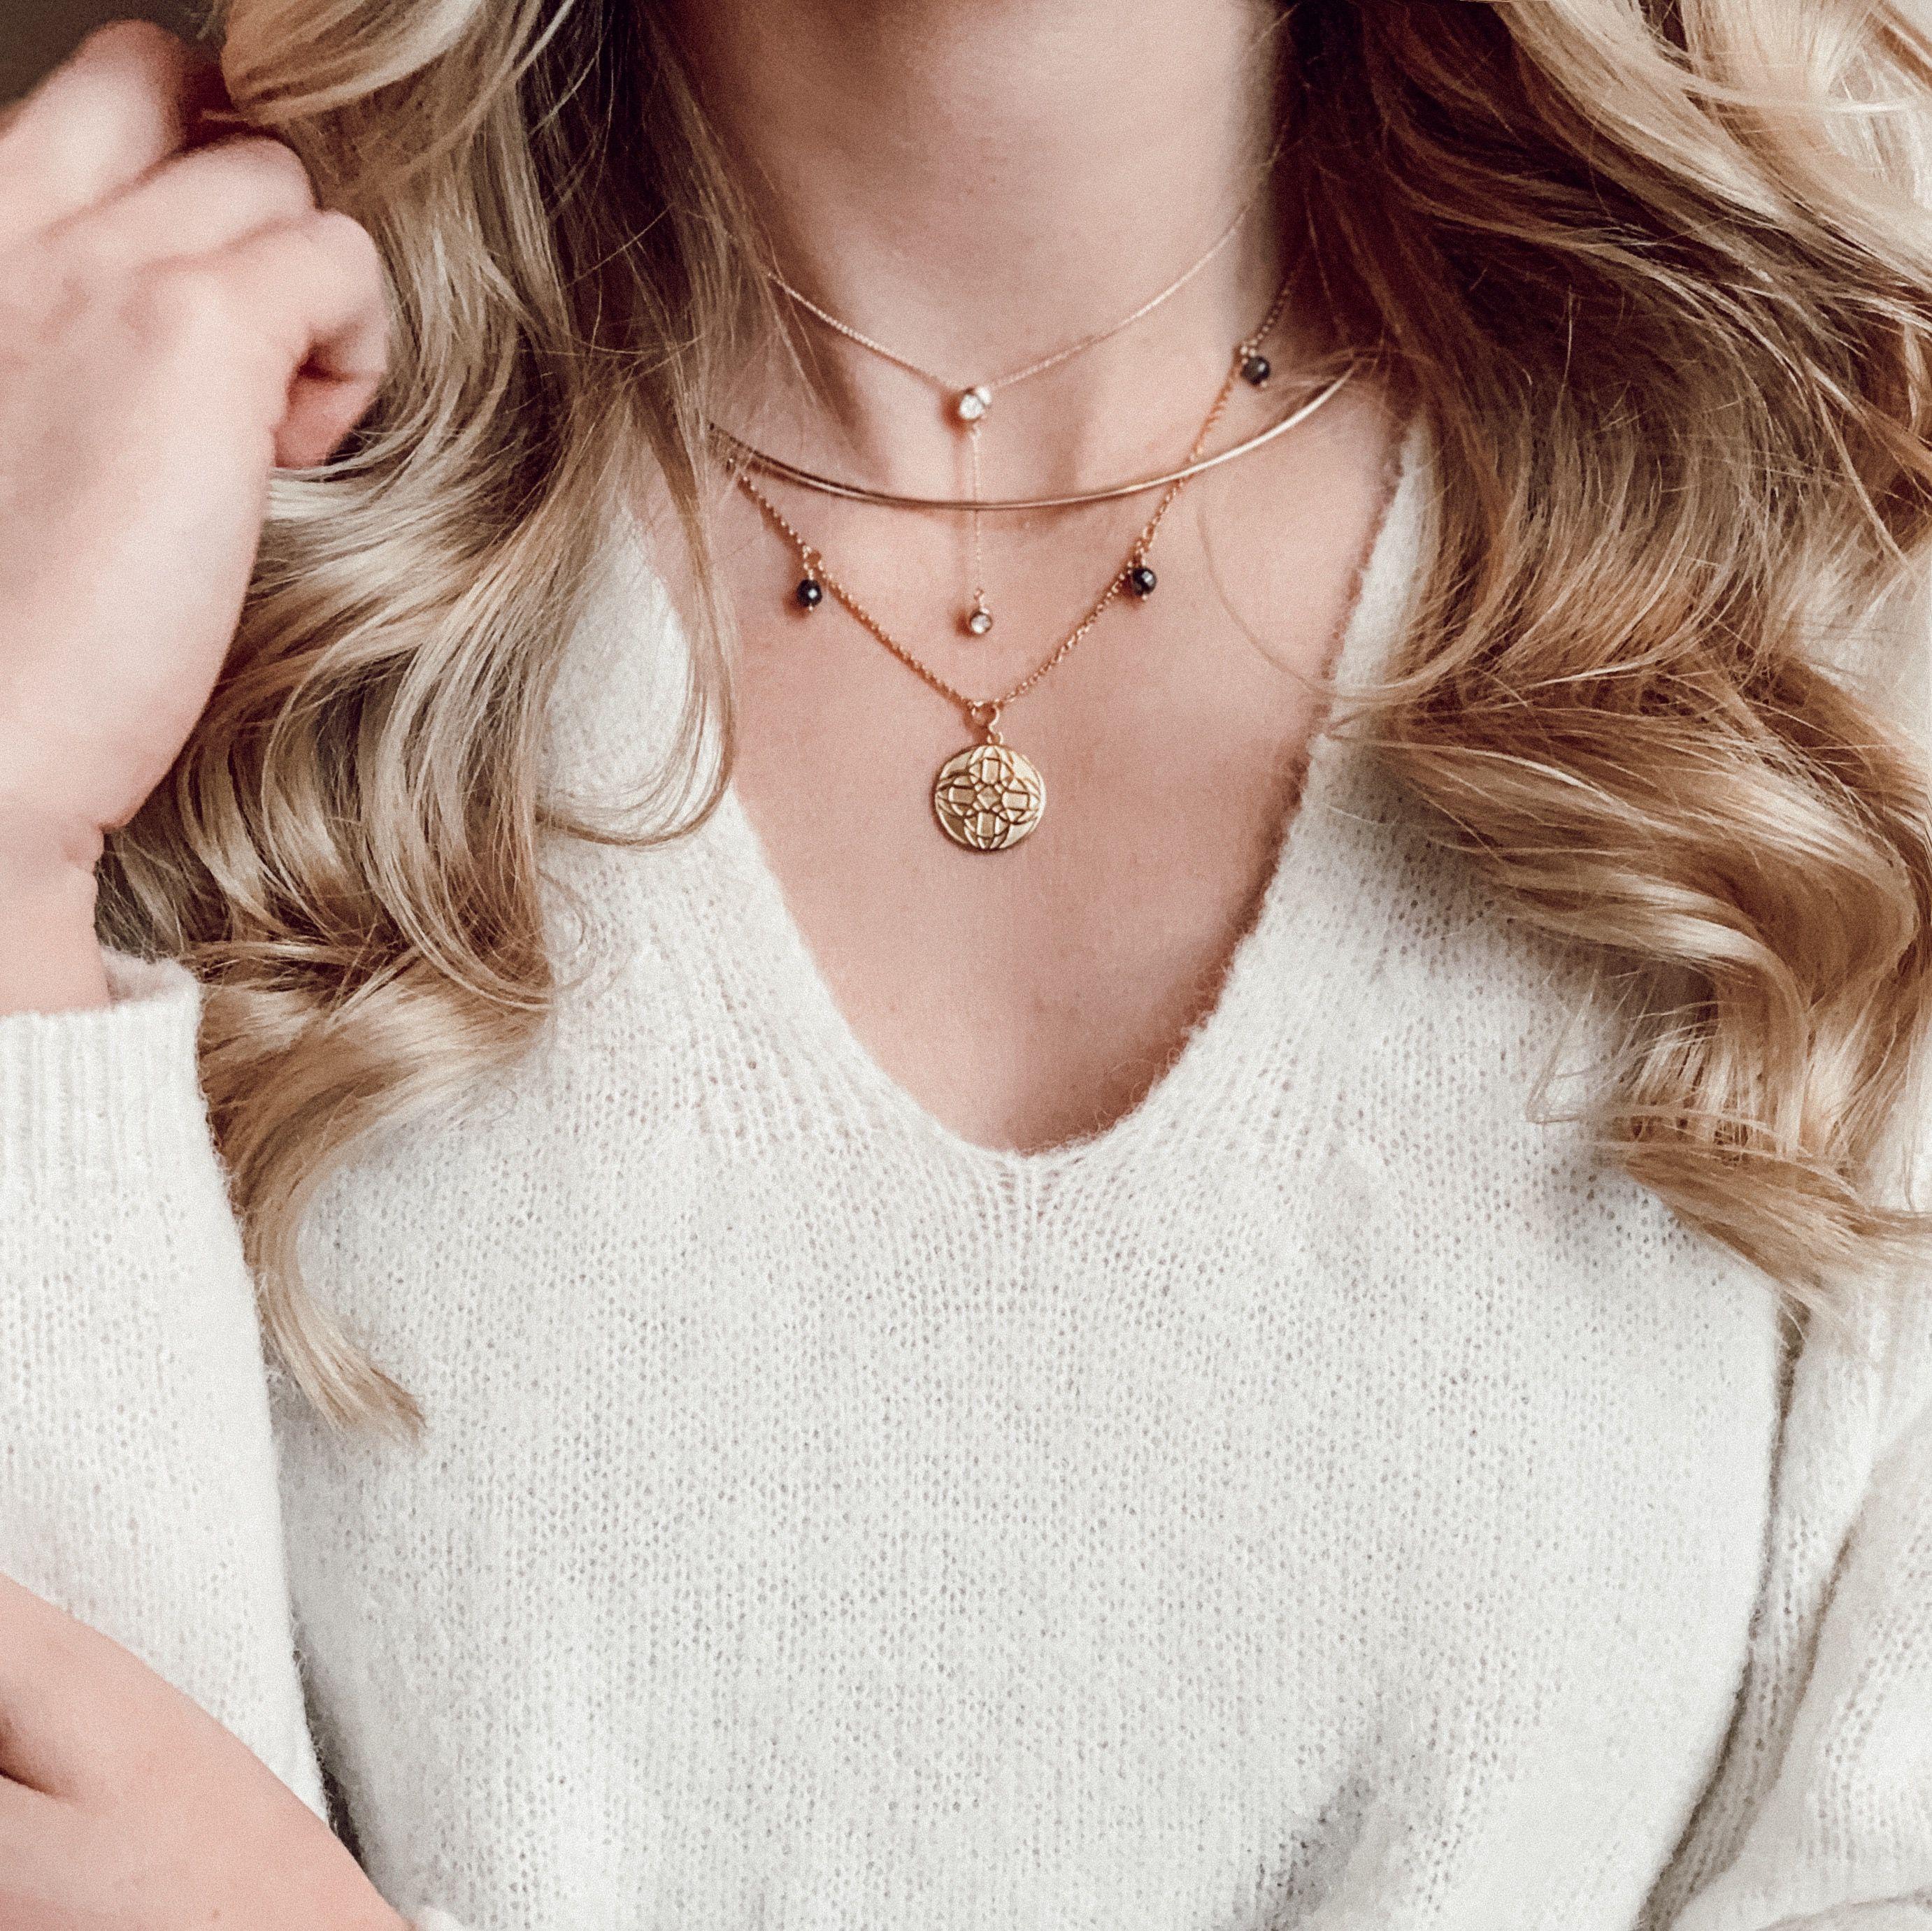 Lovares Halskette Perlenkette Damen 925 Sterling Silber Weiß Beige  45cm NEU TOP